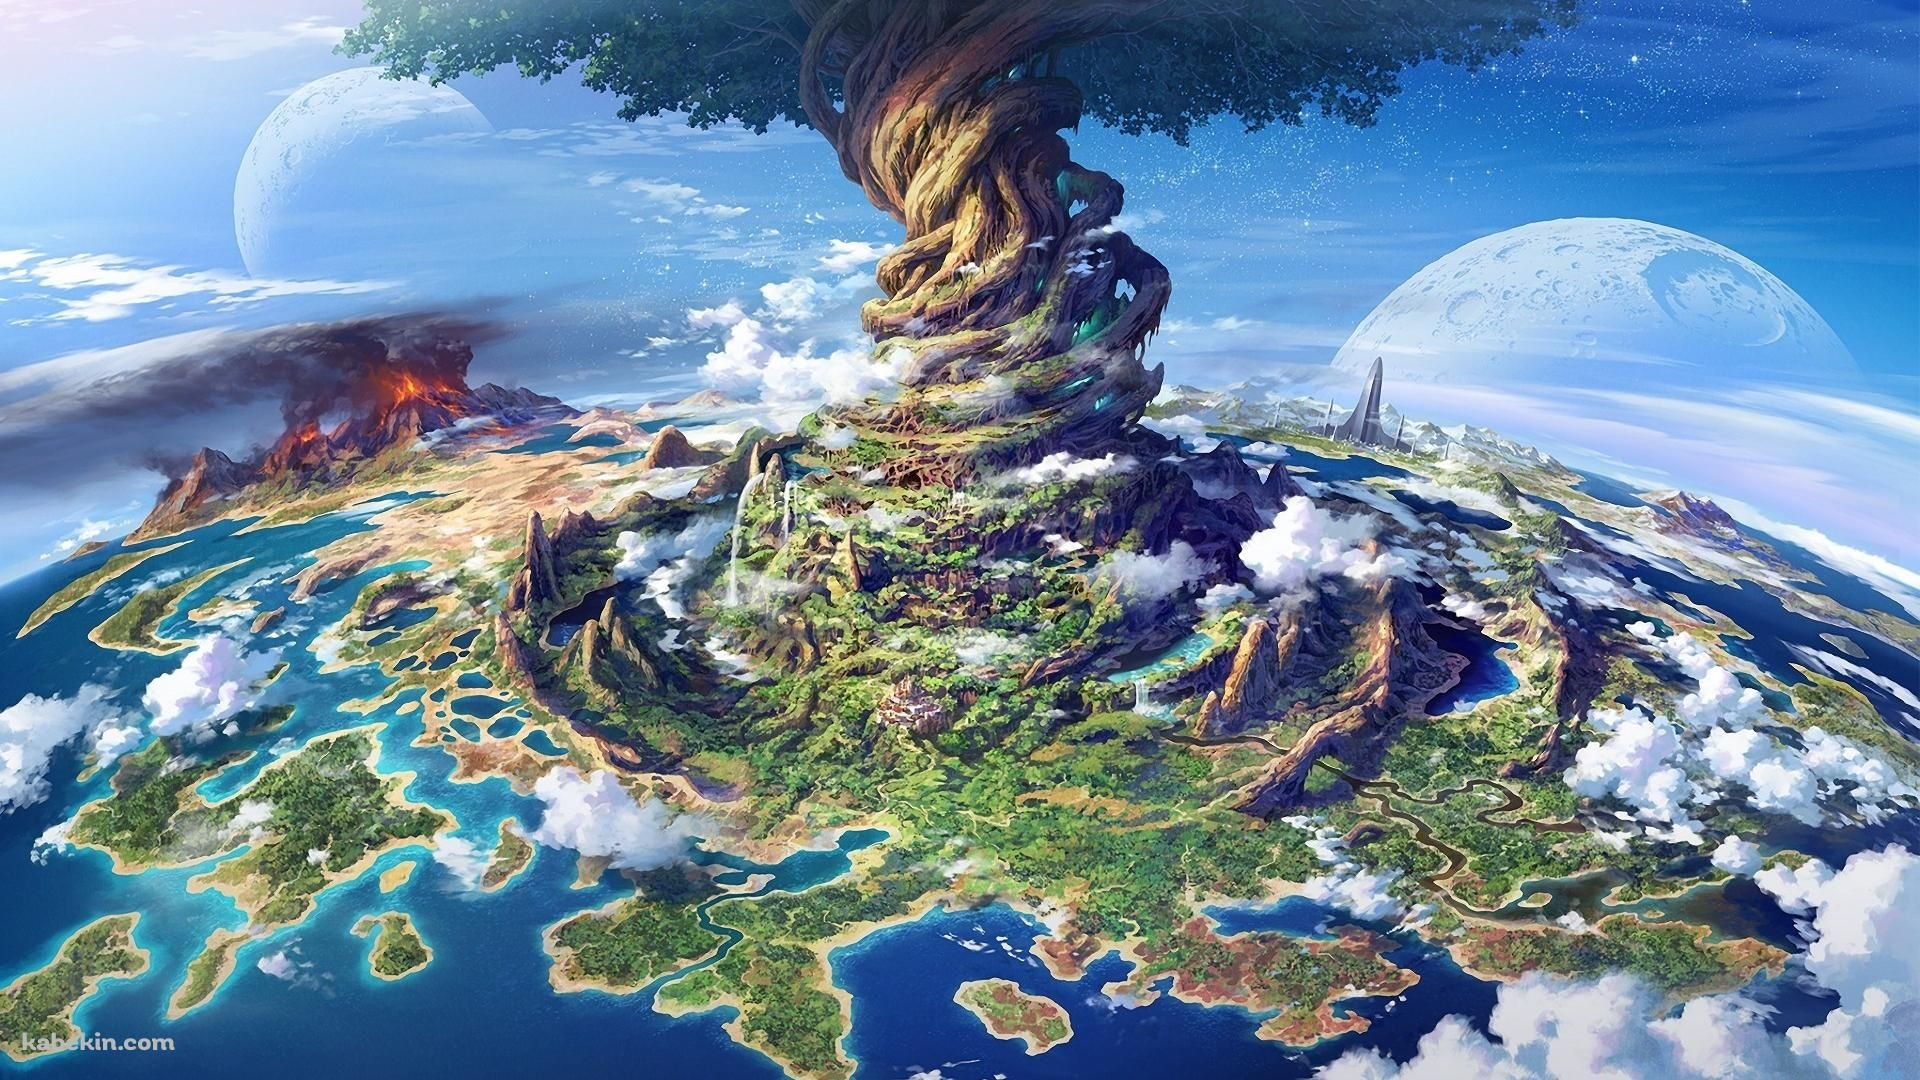 ファンタジー 海 島 火山の壁紙 世界樹の迷宮 アートのアイデア